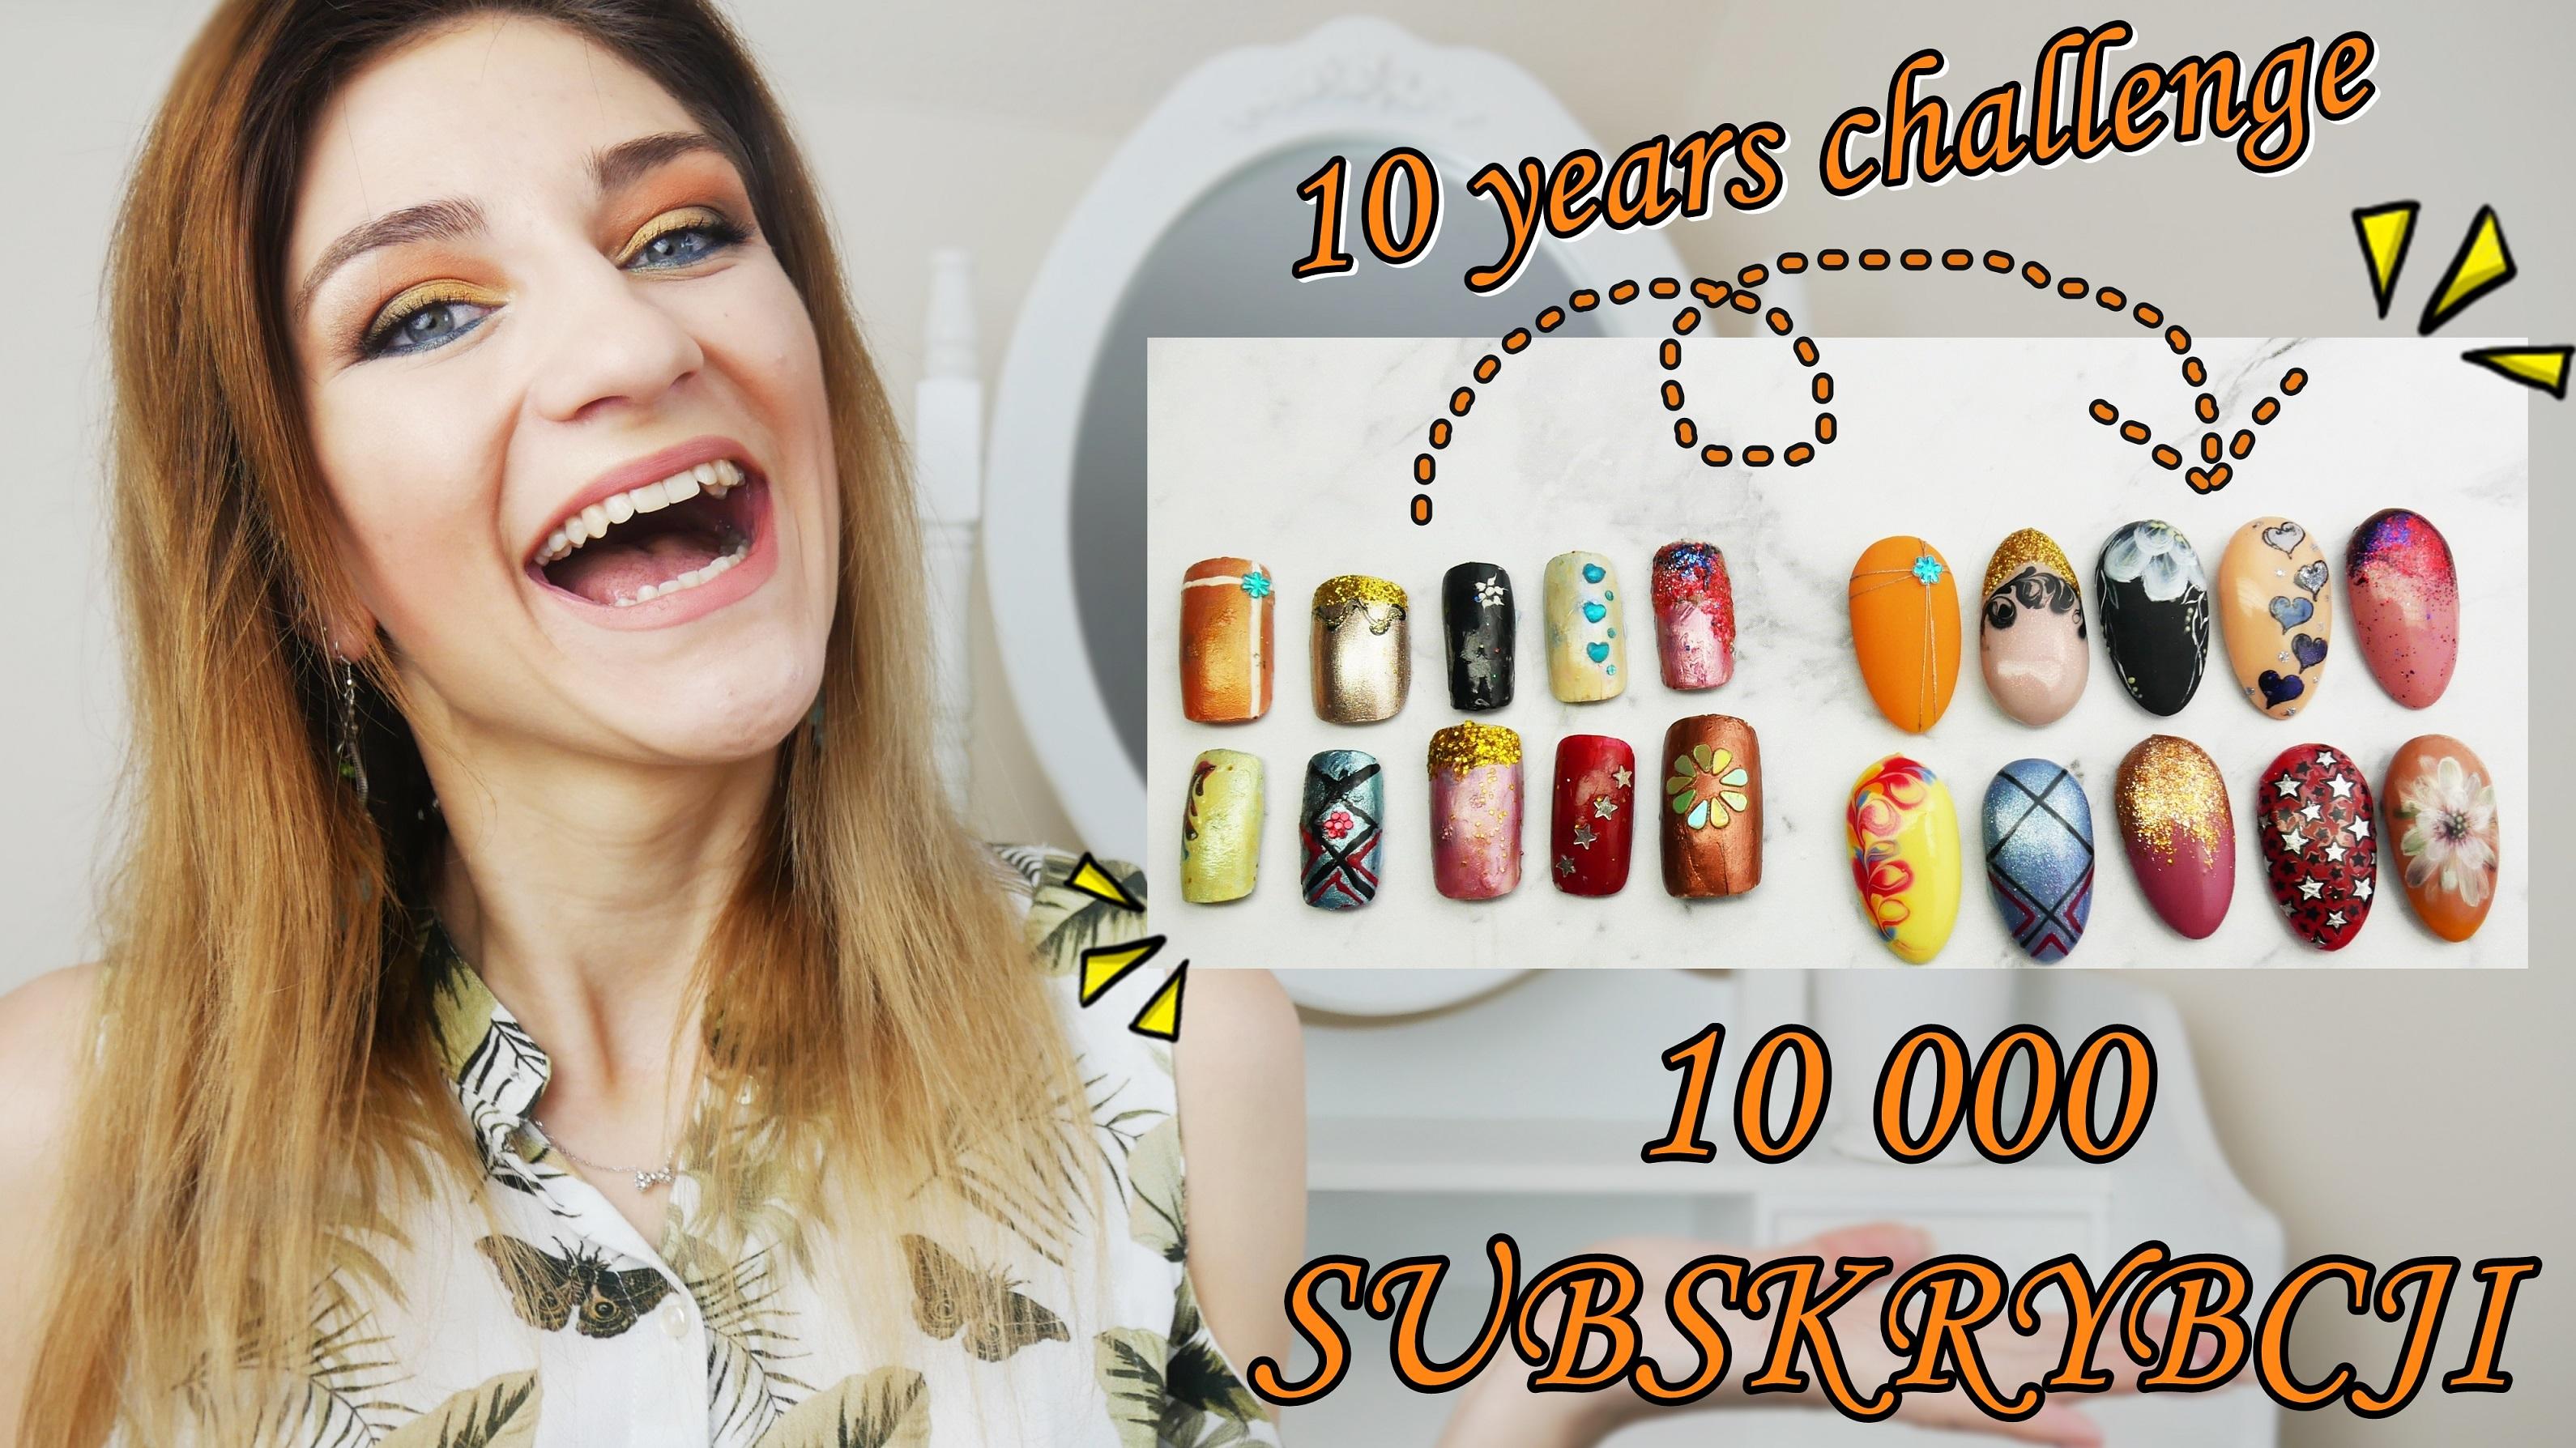 paznokciowy-10-years-challenge-10000-subskrypcji-wyzwanie-10-lat-moja-paznokciowa-historia-rozdanie-wygraj-Lakierowniczka-paznokciowy 10 years challenge